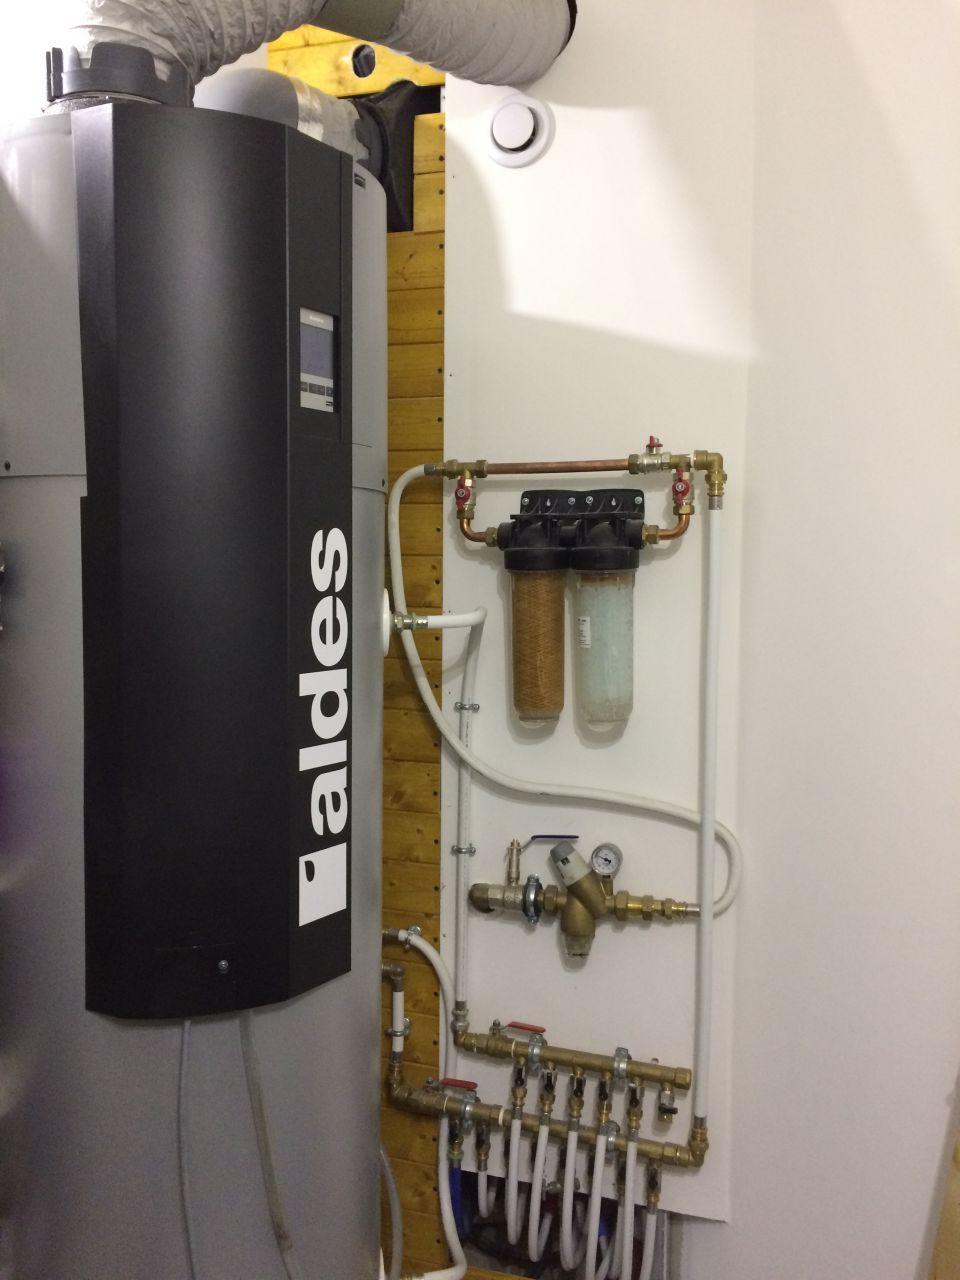 chauffe eau thermodynamique + réseau eau